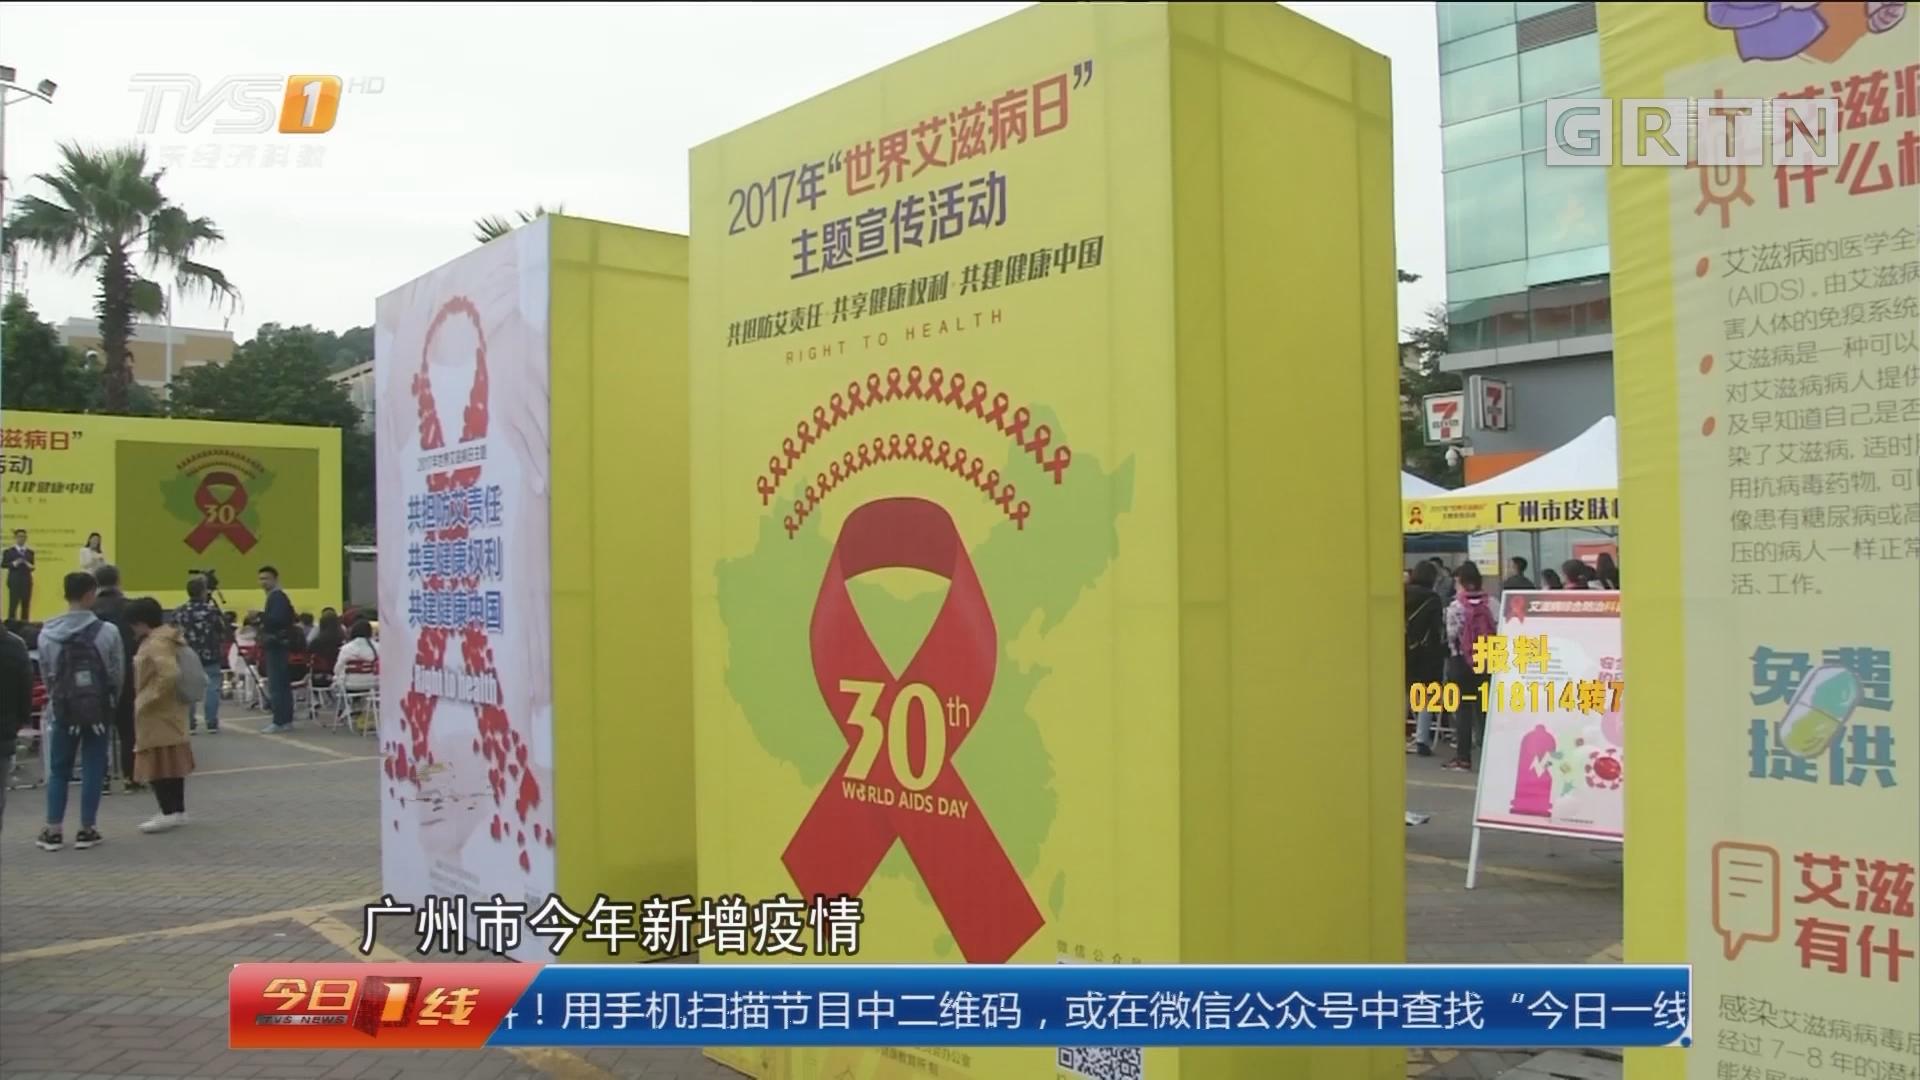 世界艾滋病日:新增艾滋病疫情以中青年人群为主